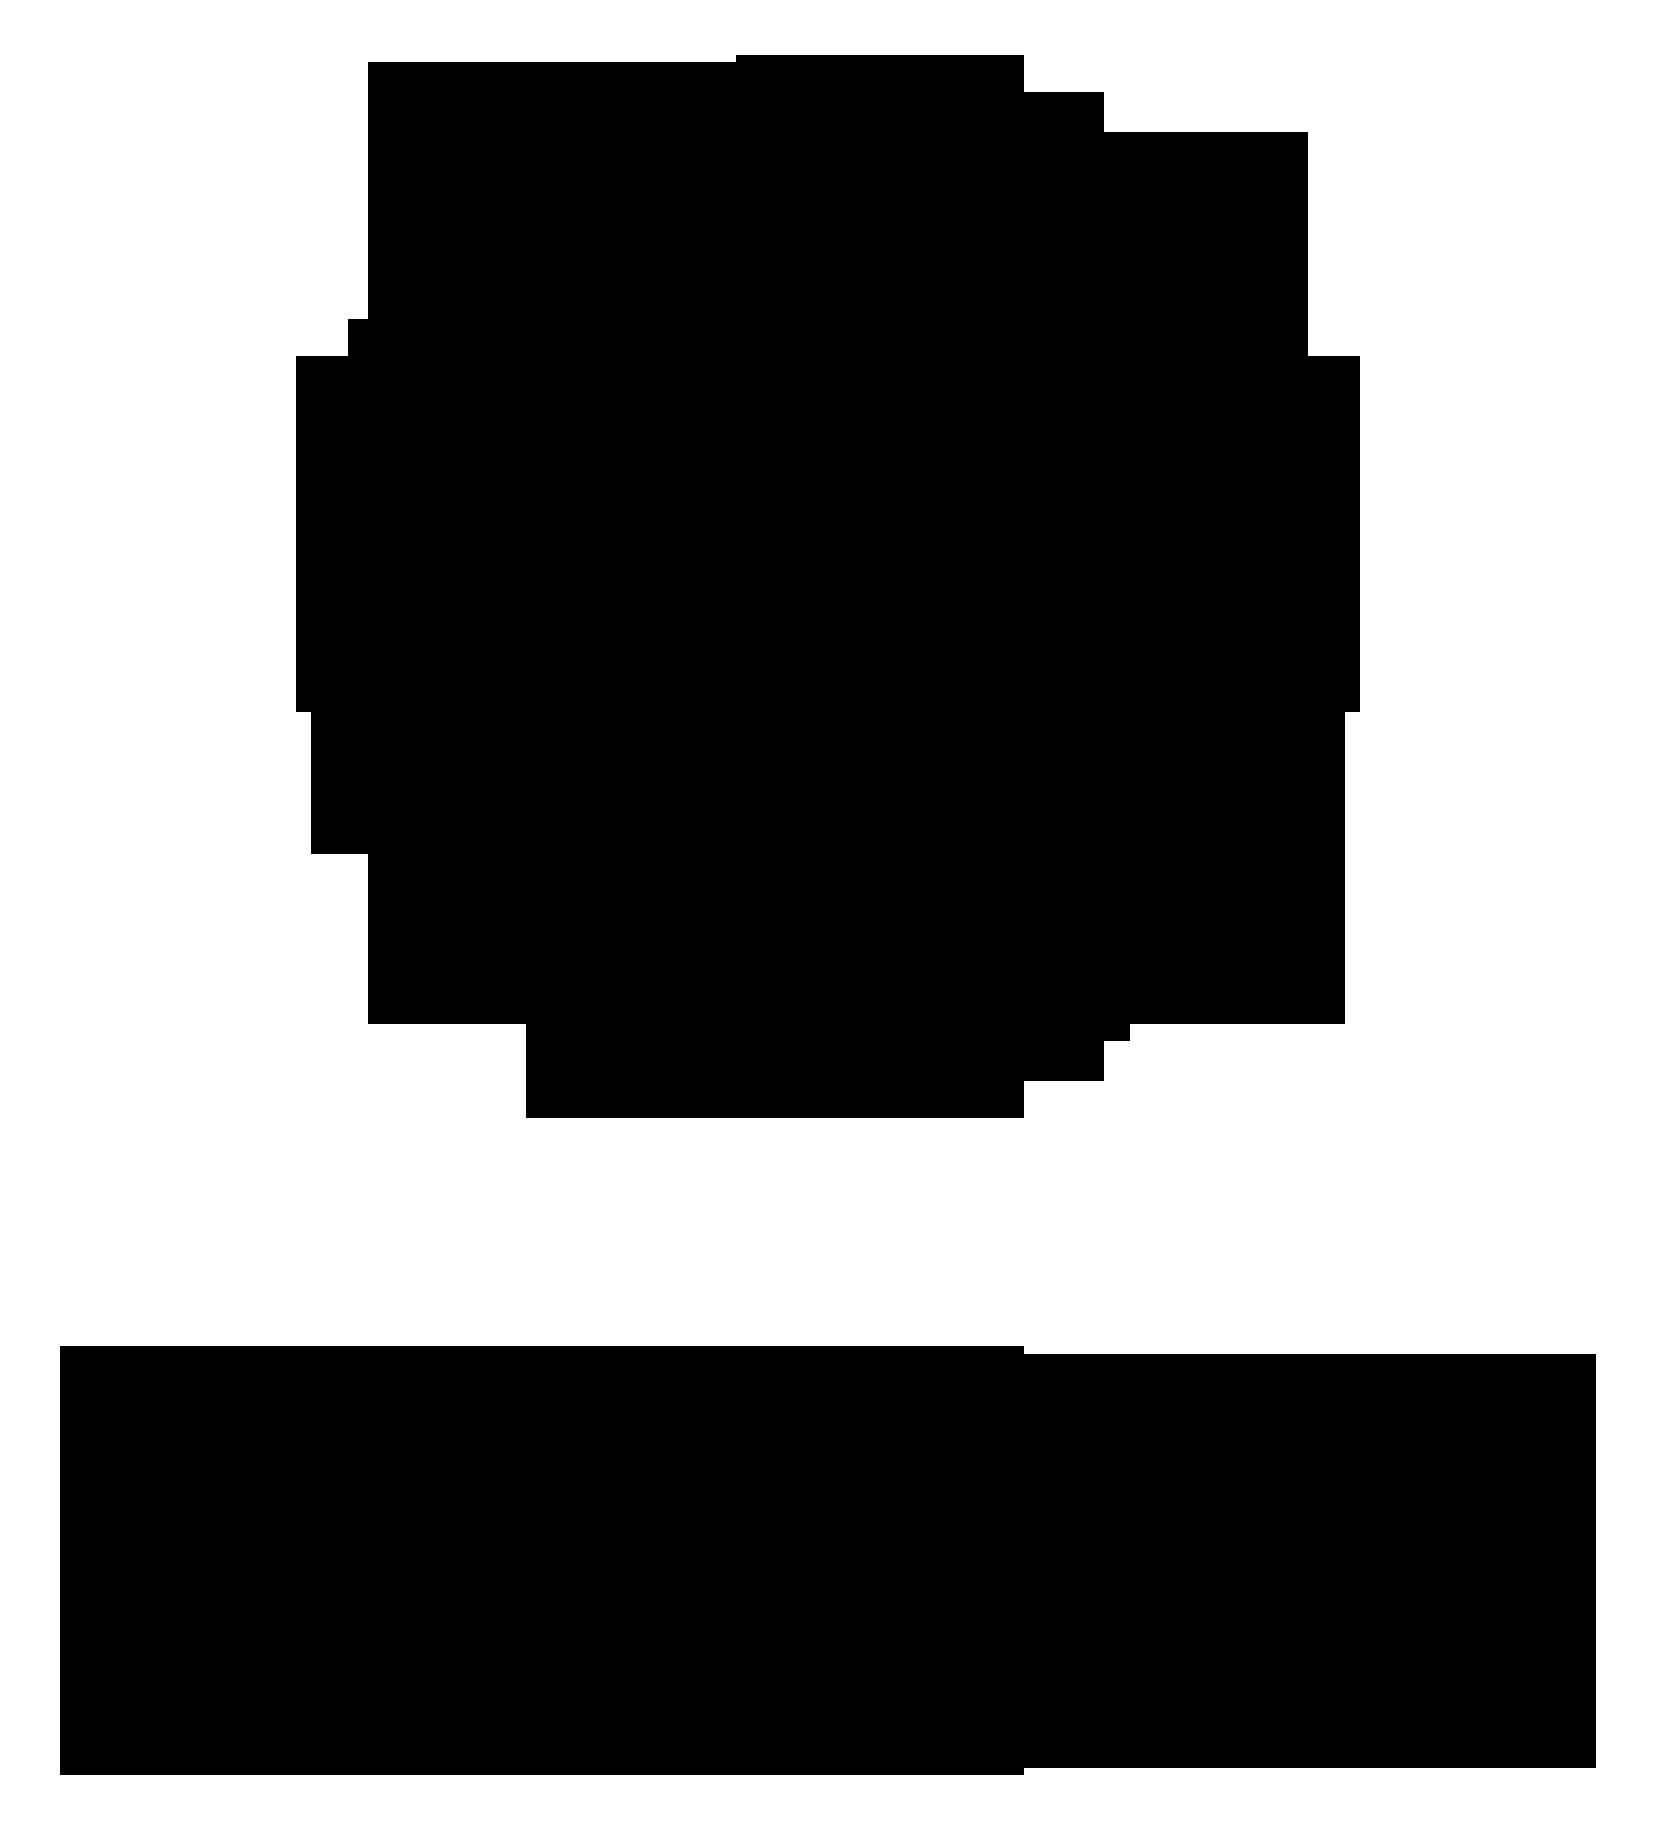 oxfam_logo_vertical_black.png